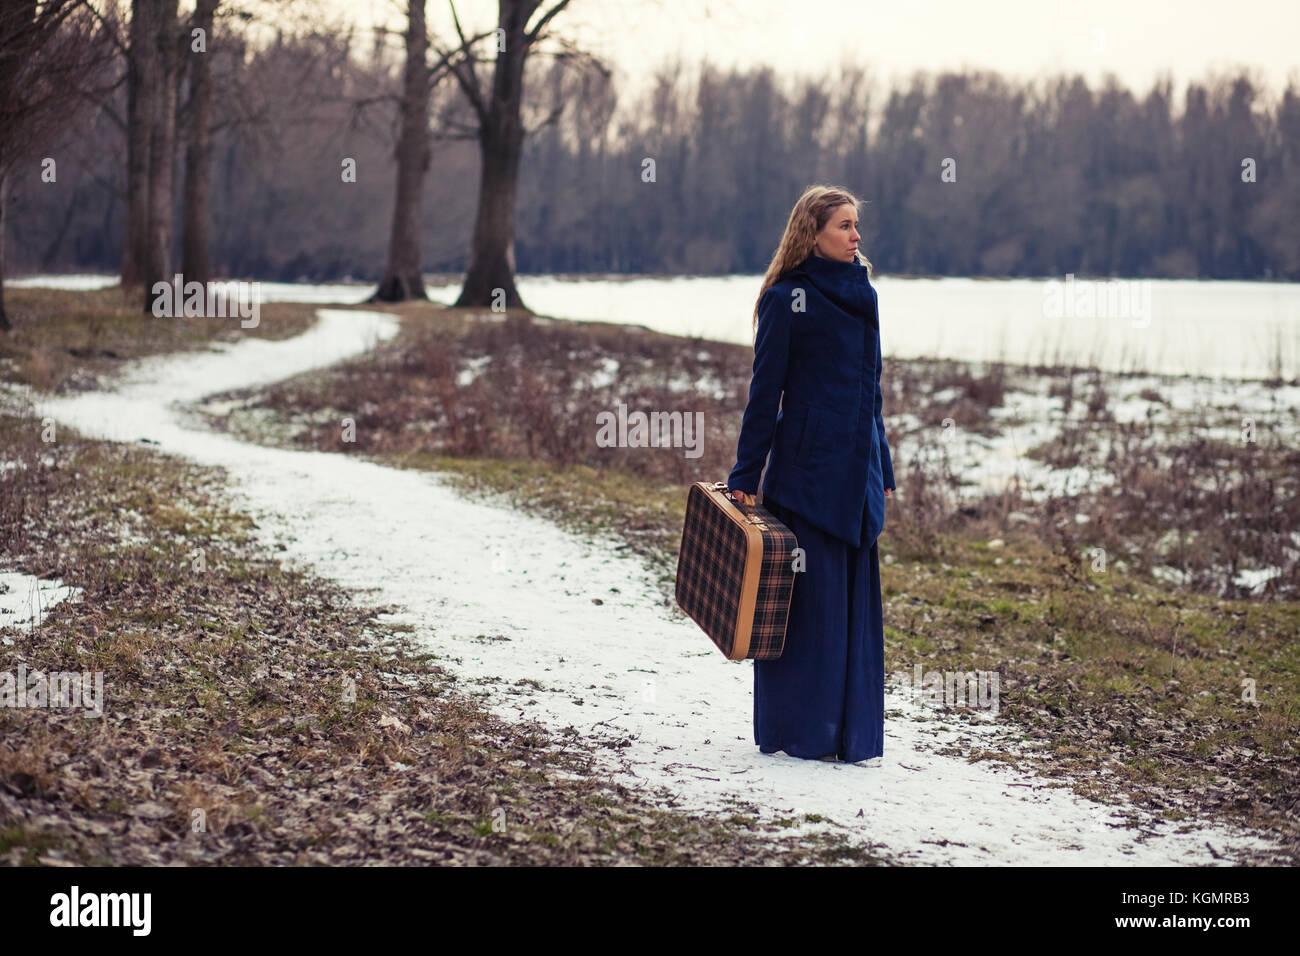 Mujer caminando en el bosque con la vieja maleta Imagen De Stock